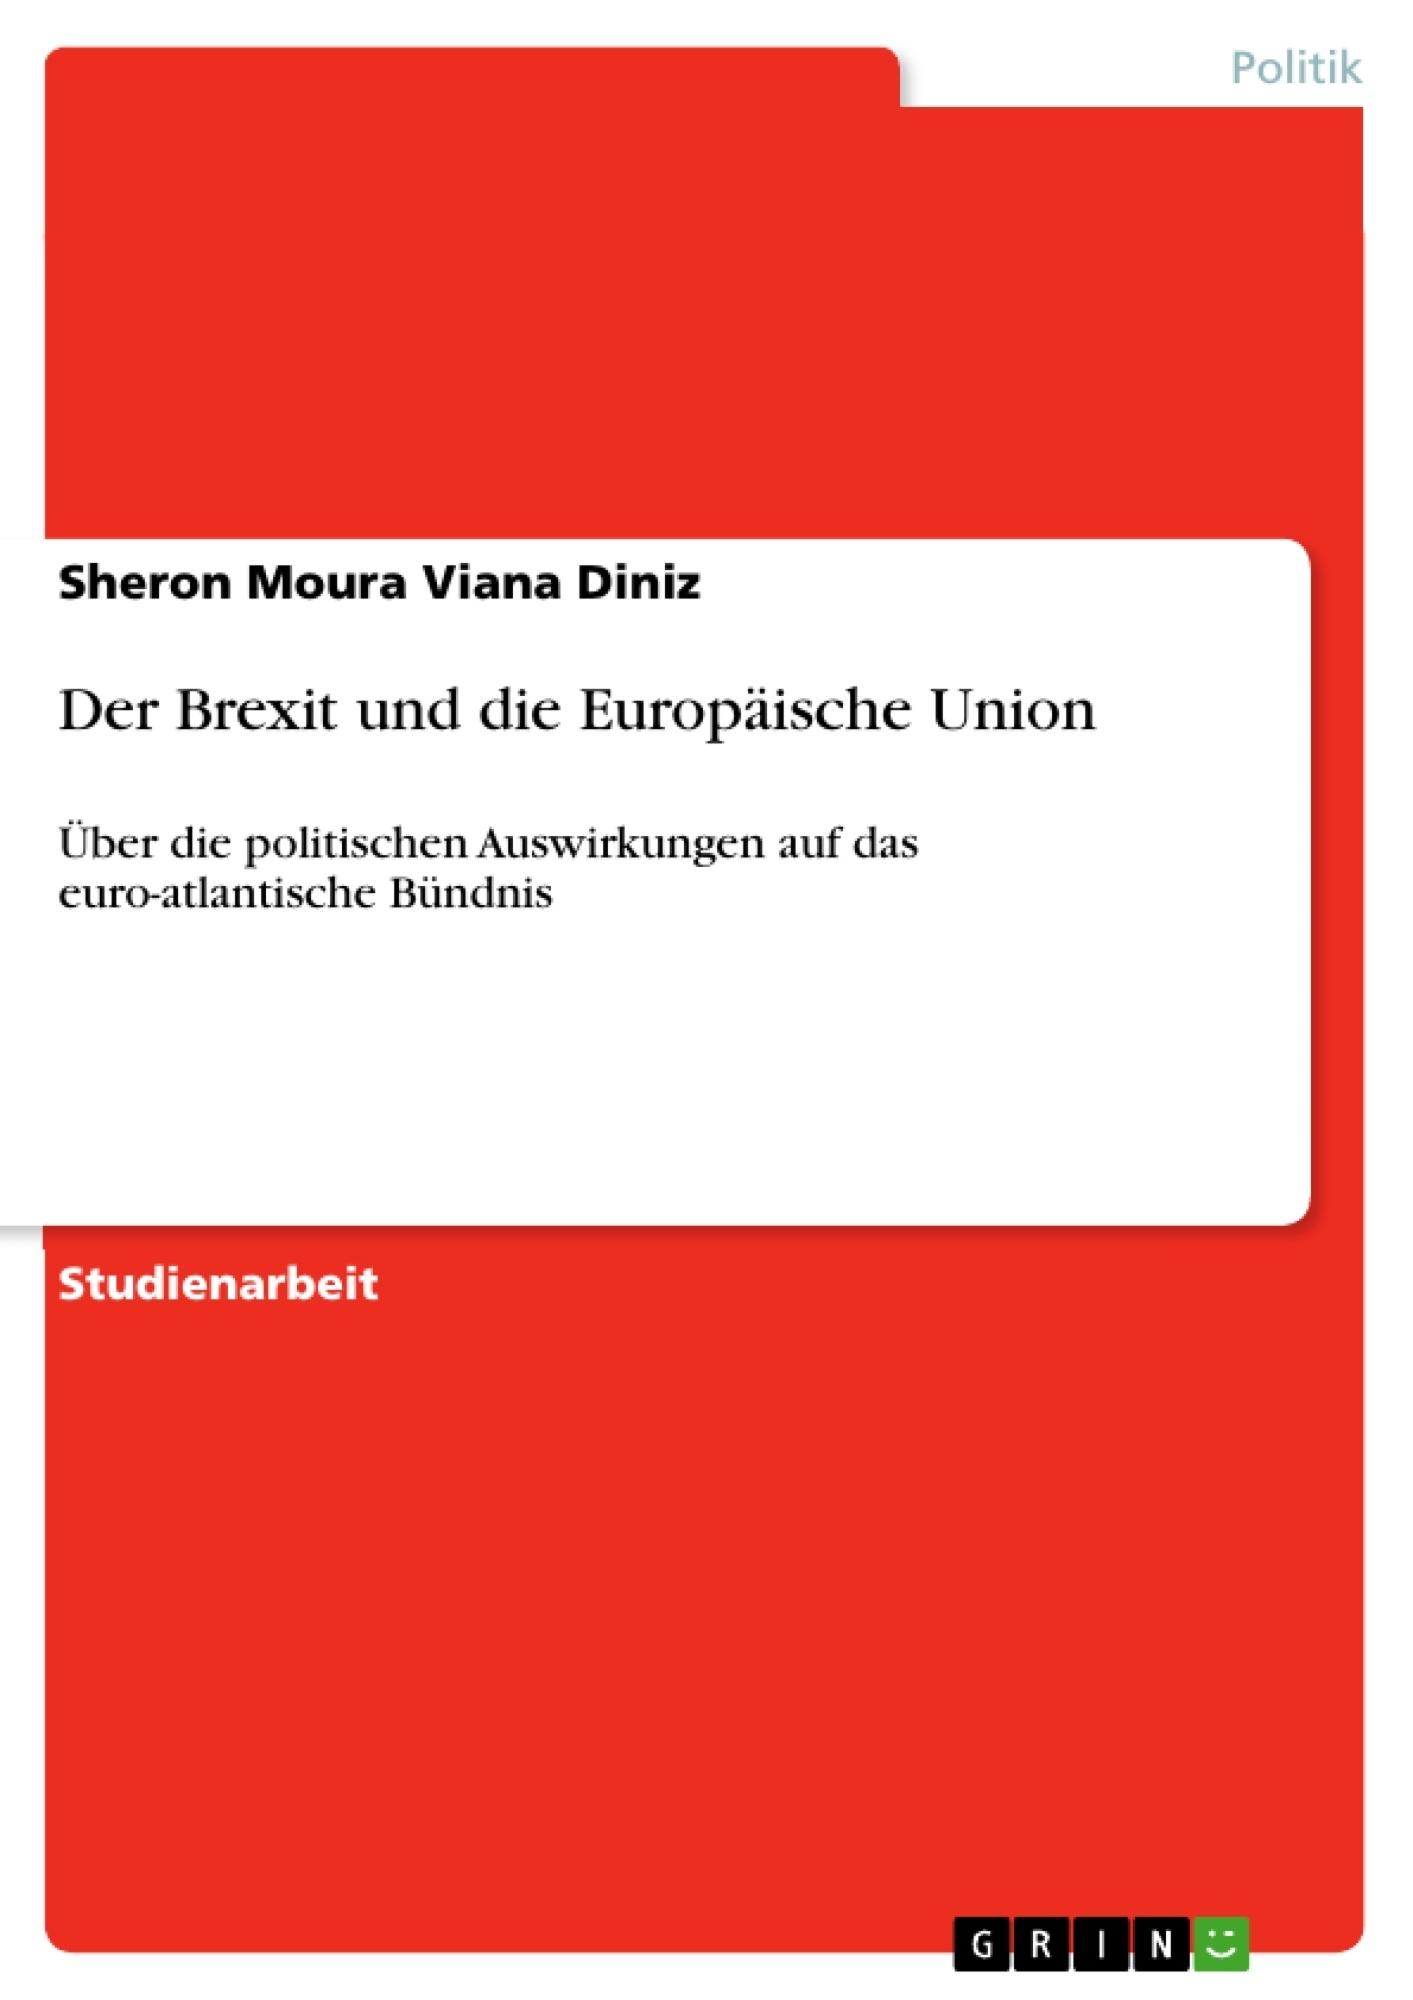 Titel: Der Brexit und die Europäische Union